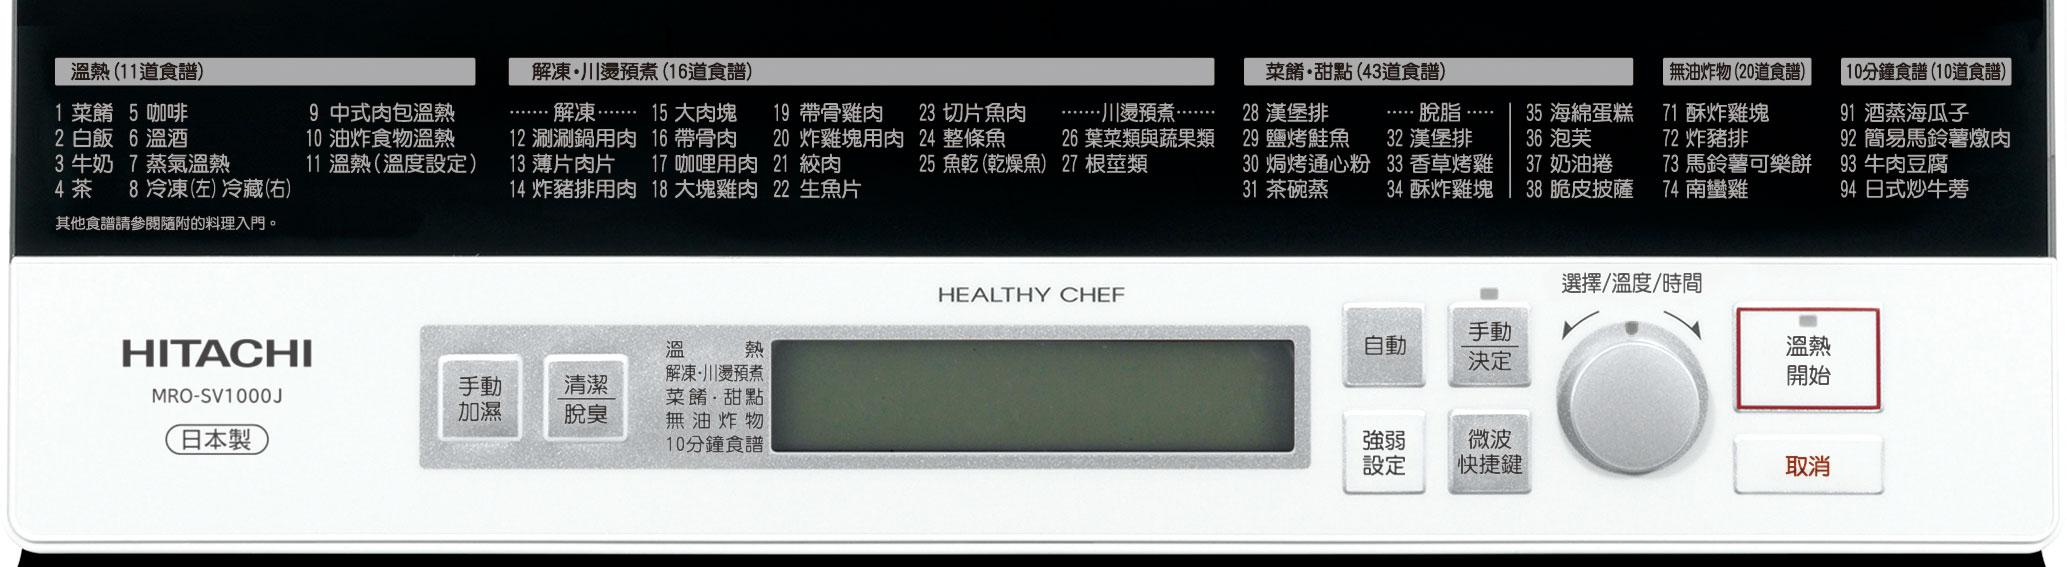 全中文液晶背光操作面板